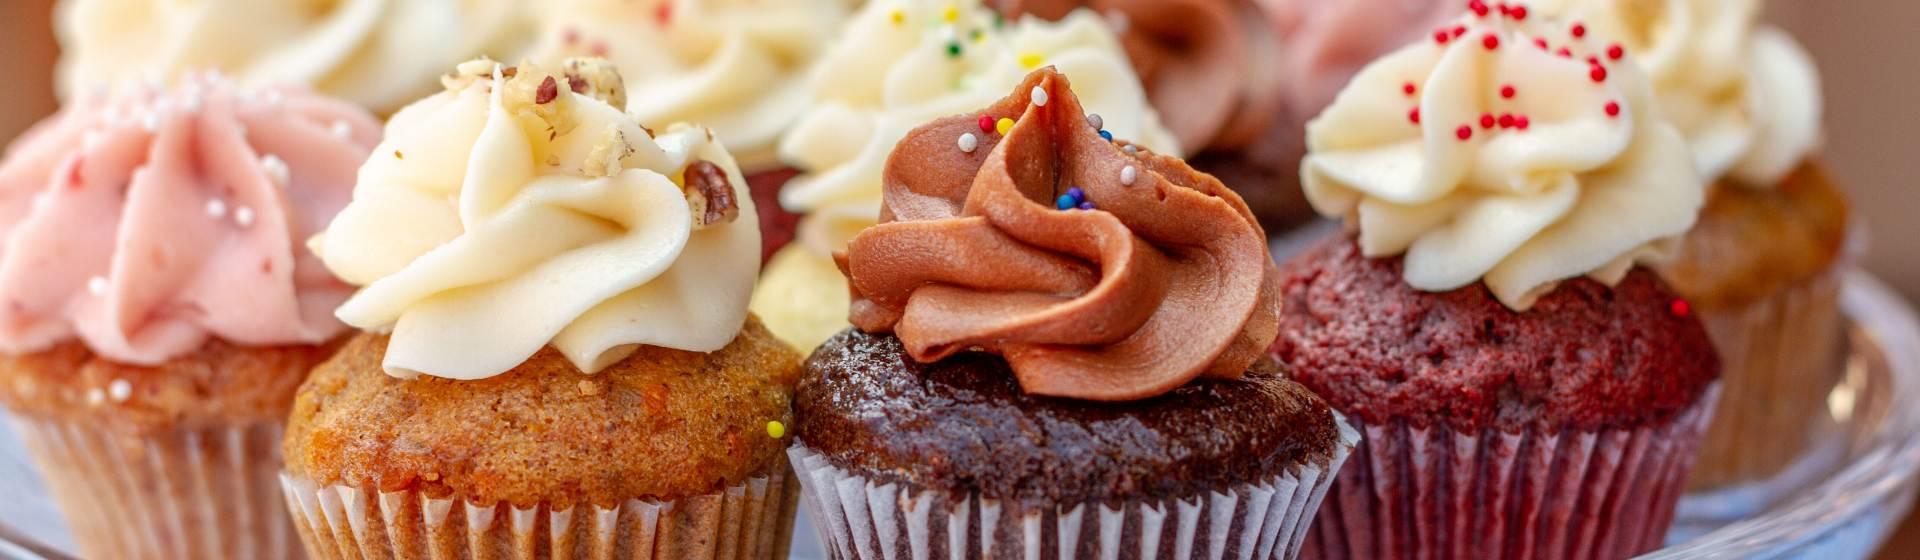 As melhores máquinas de cupcake para comprar em 2021